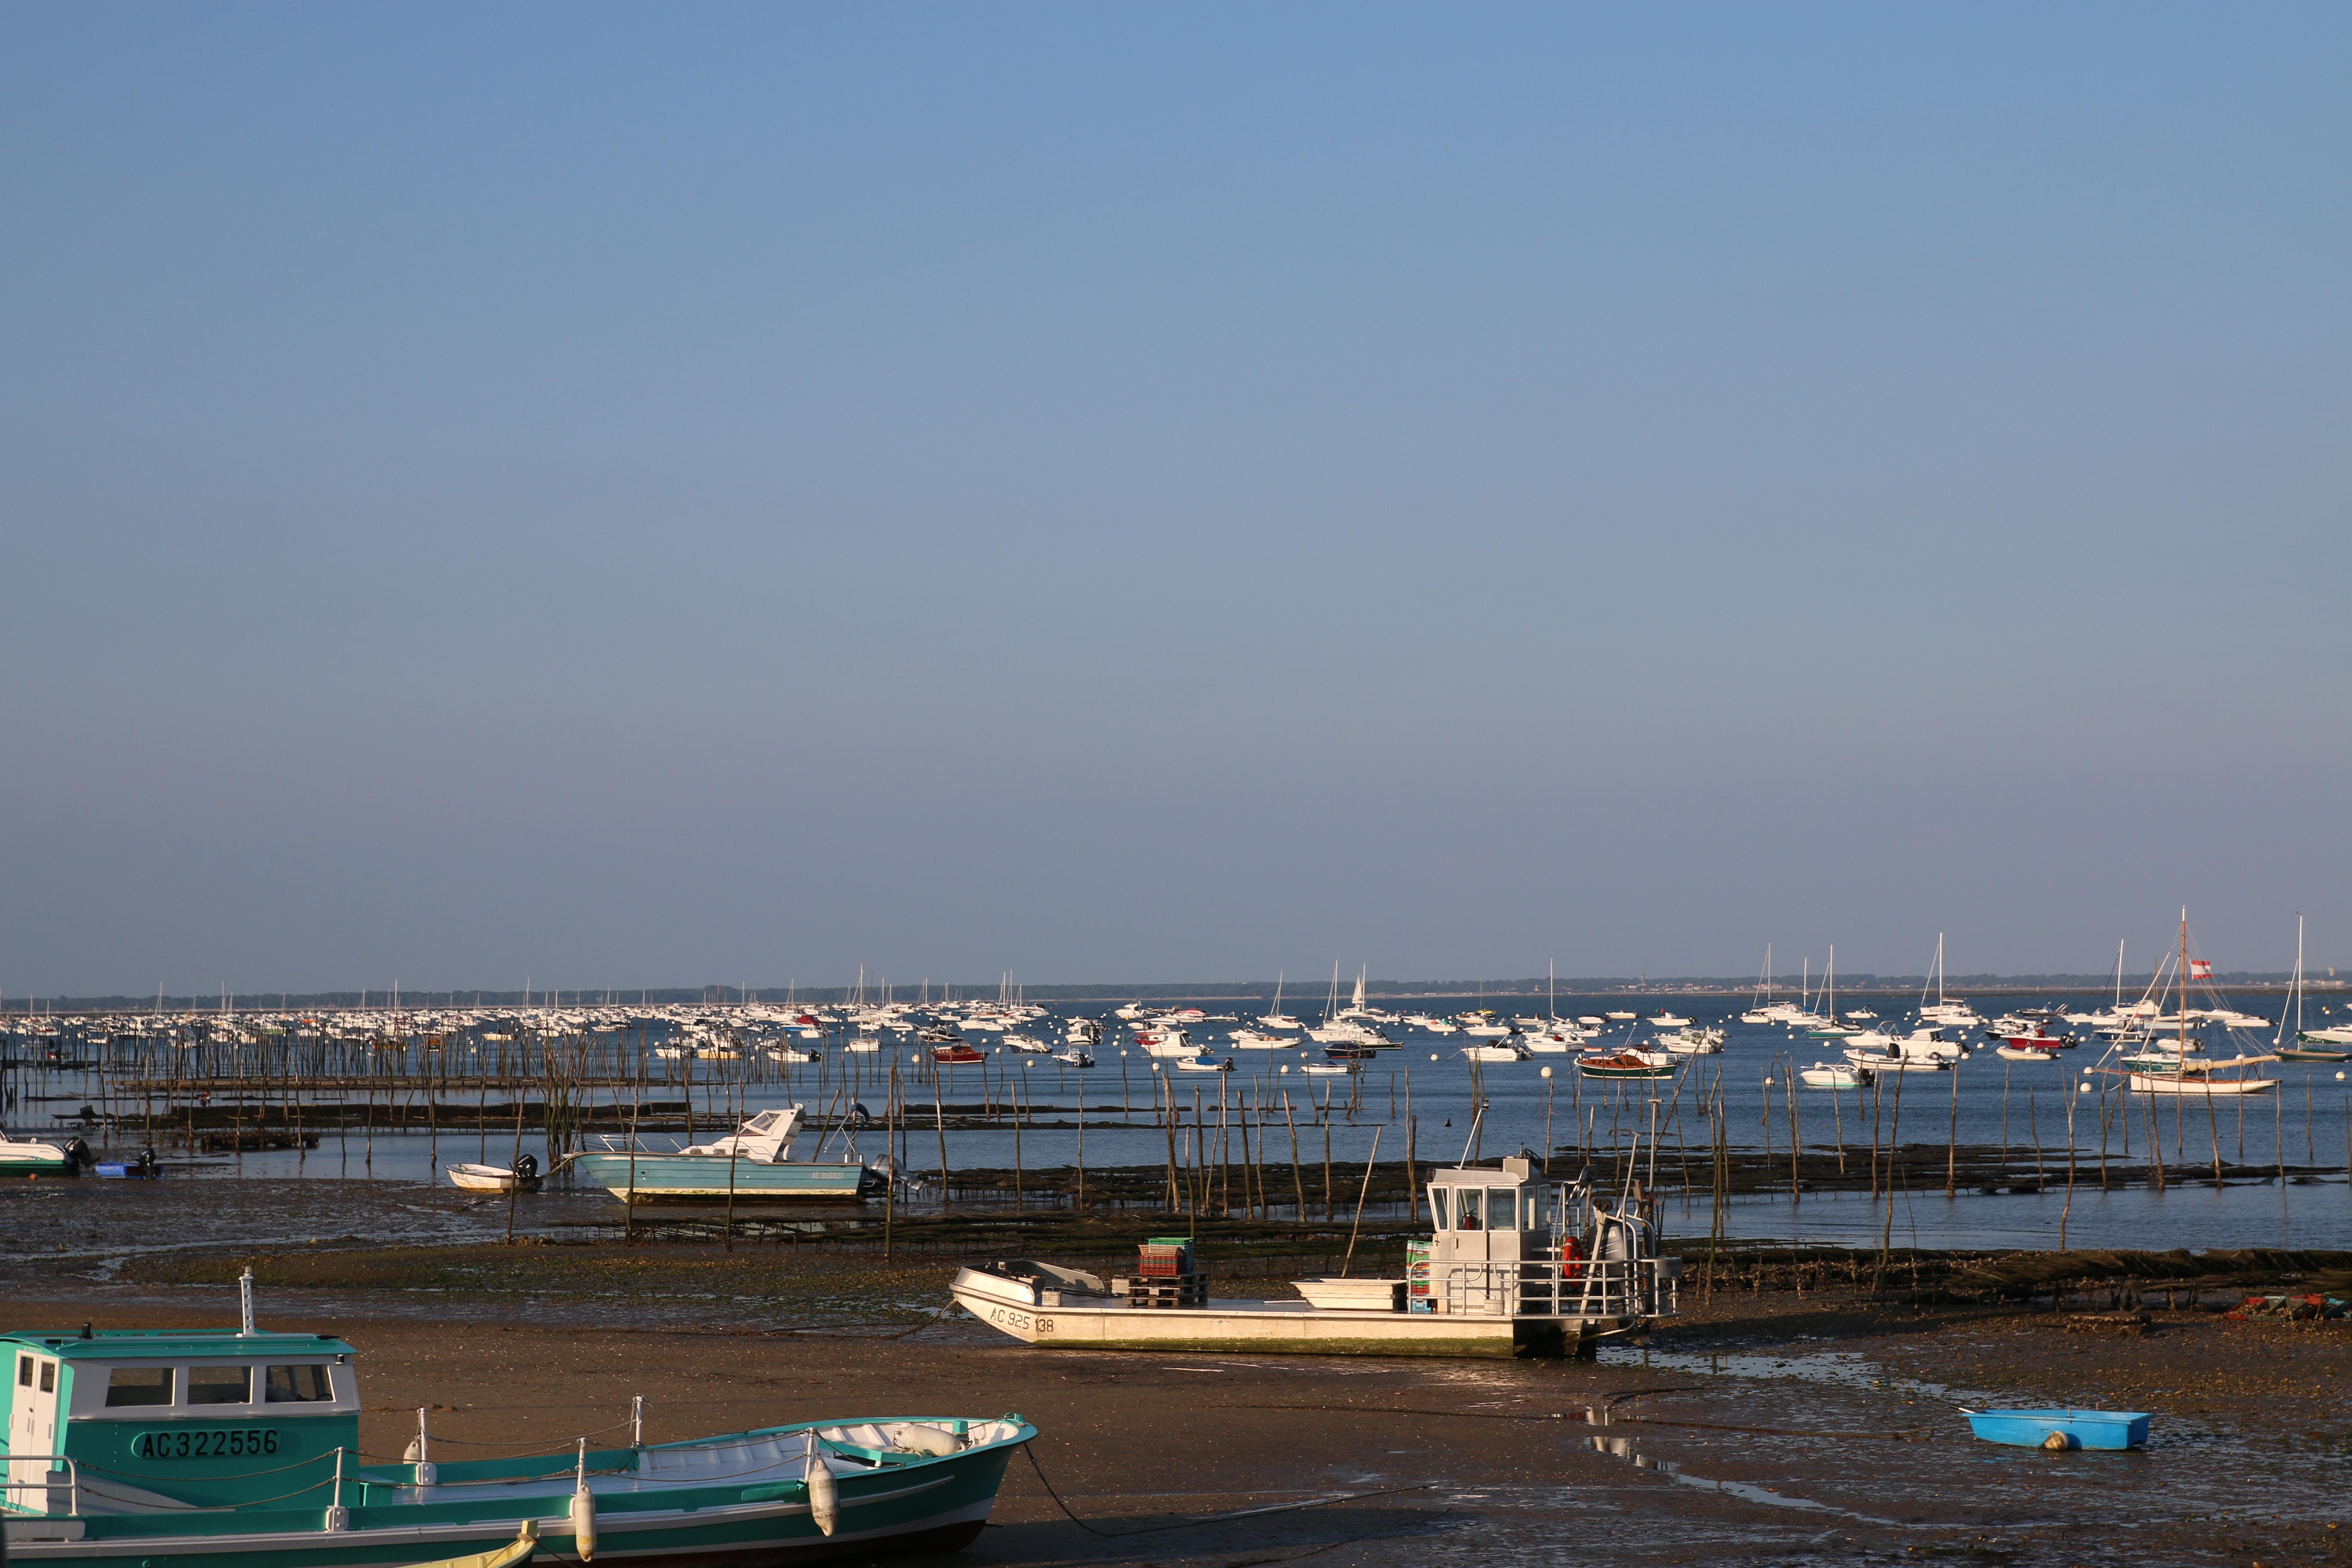 Vue du bassin d'Arcachon et de barges ostréicoles au premier plan